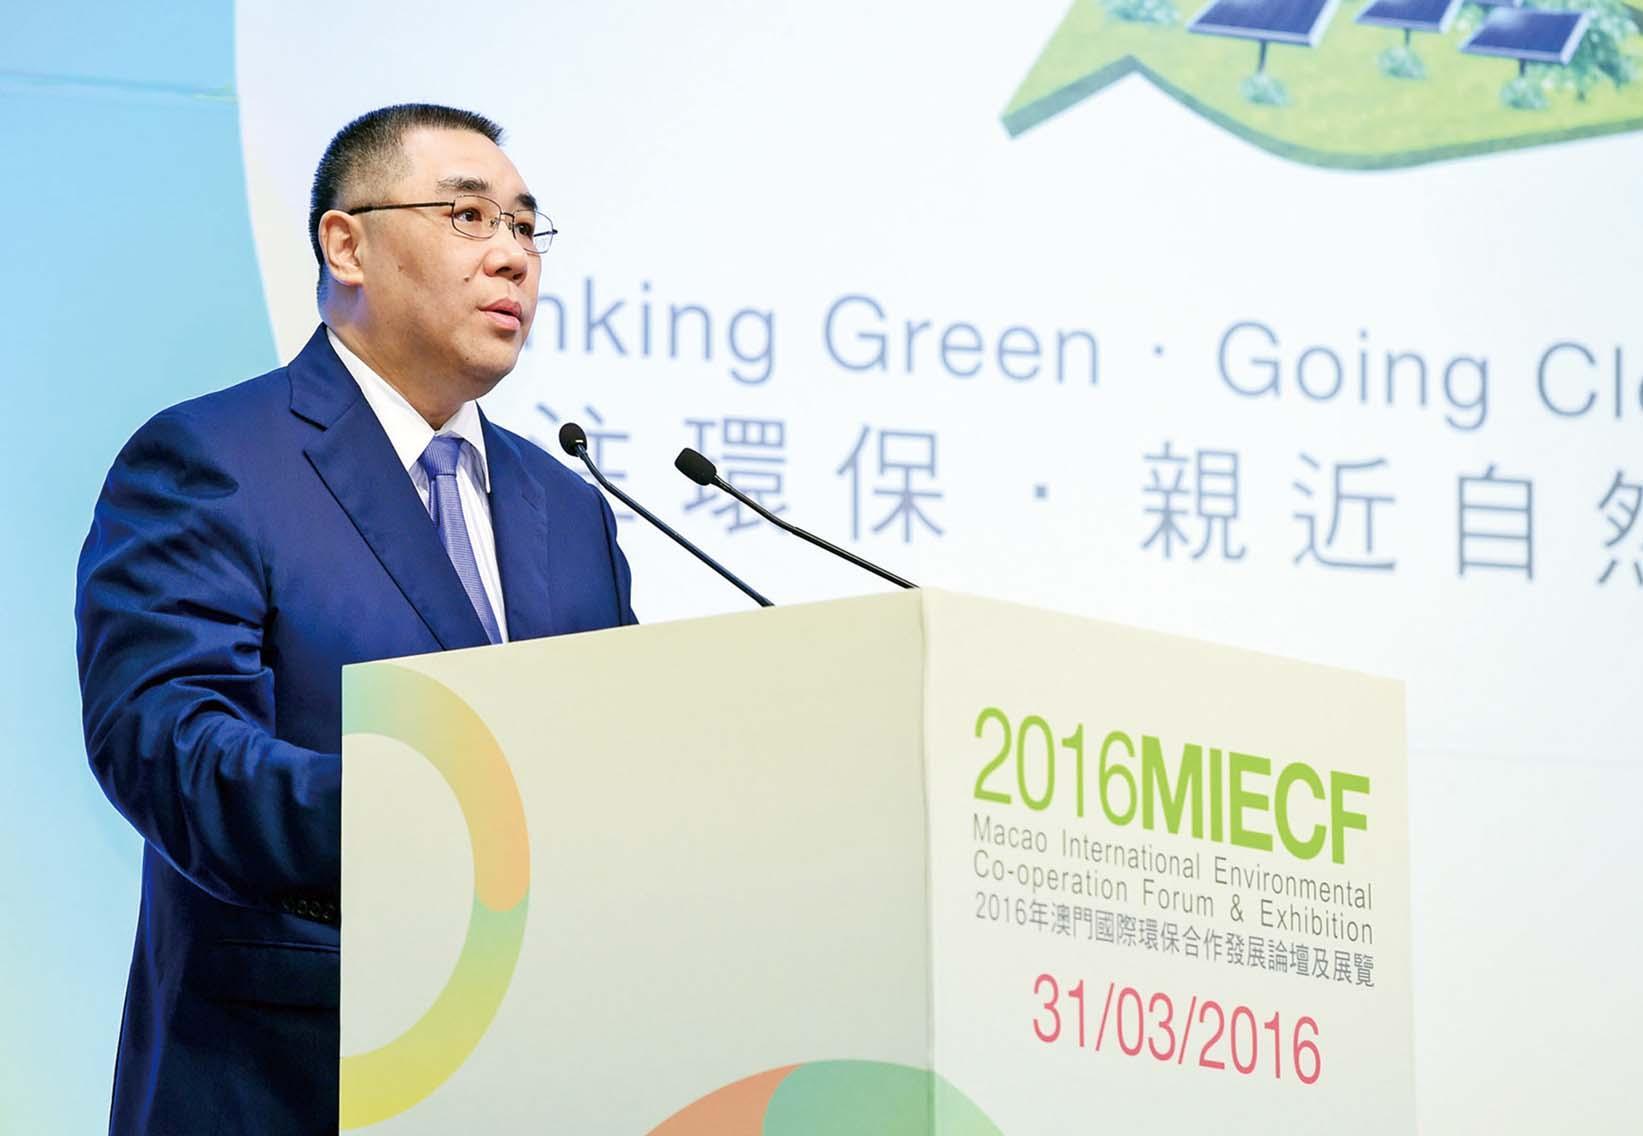 特首促締造綠色經濟新動力